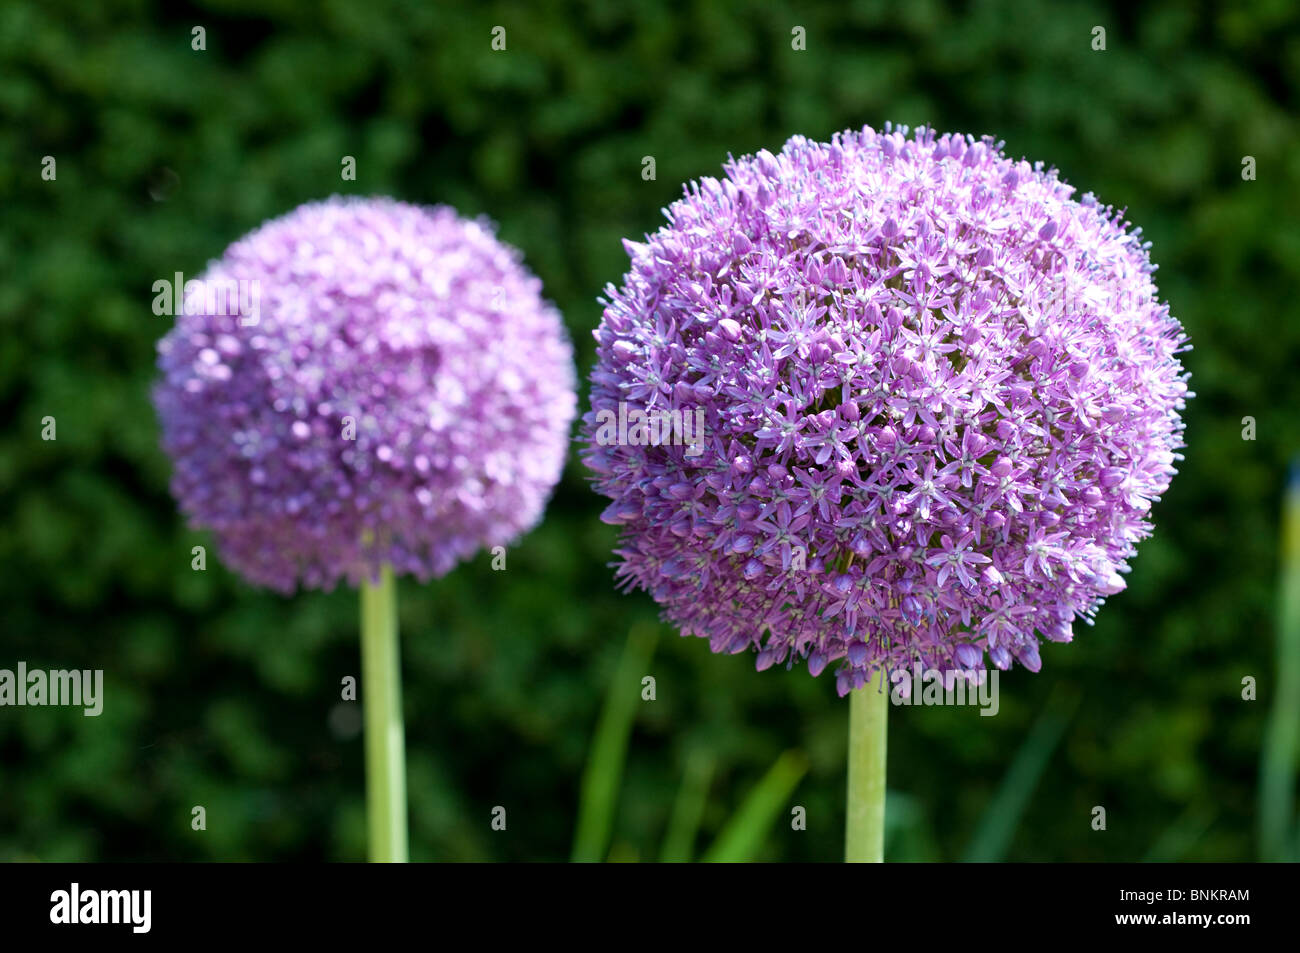 Allium Ambassador - Stock Image